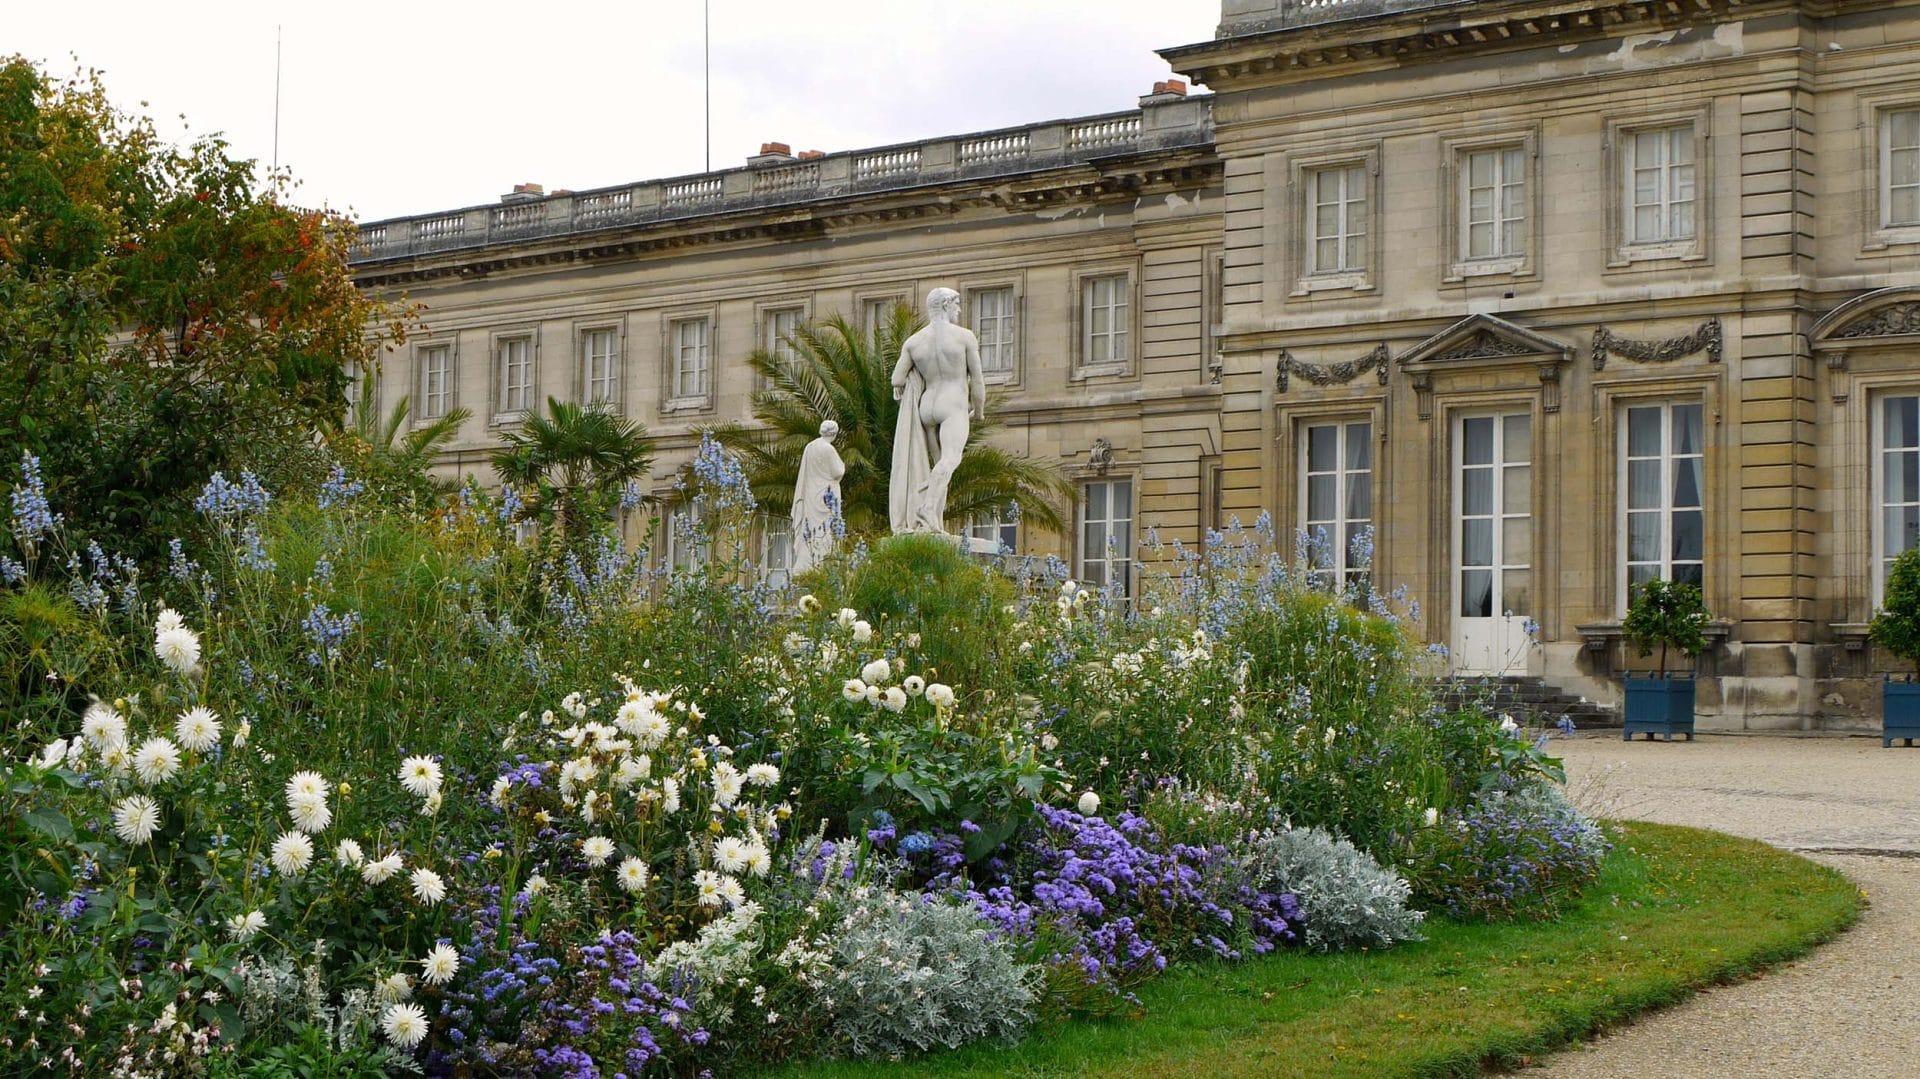 P1010234 Picardie, Compiègne, le château (1751-1789) et le p